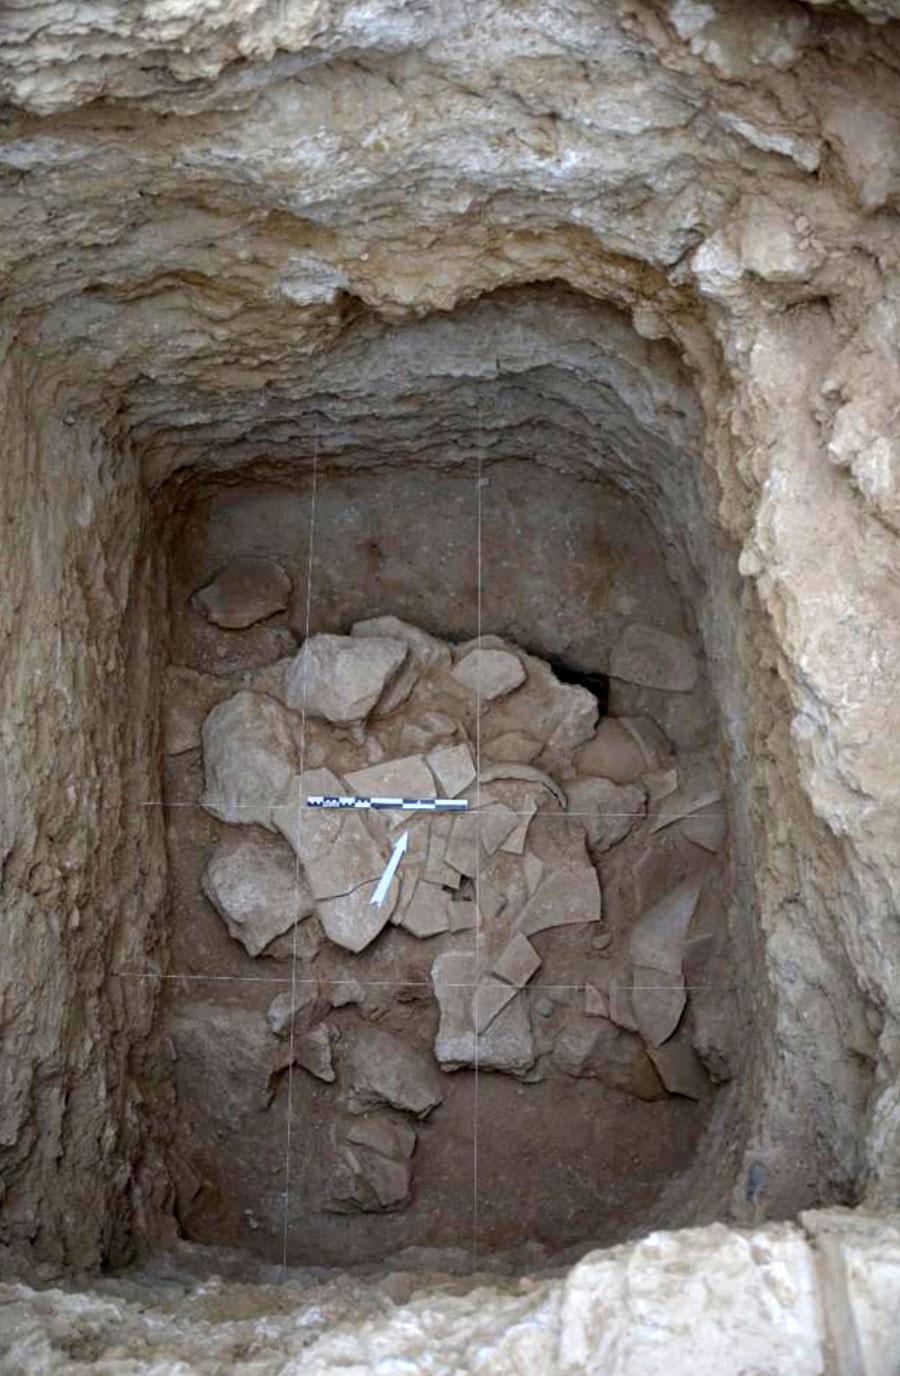 5. bölgedeki taşlarla donatılmış çukur şeklinde yapı (6. çukur)